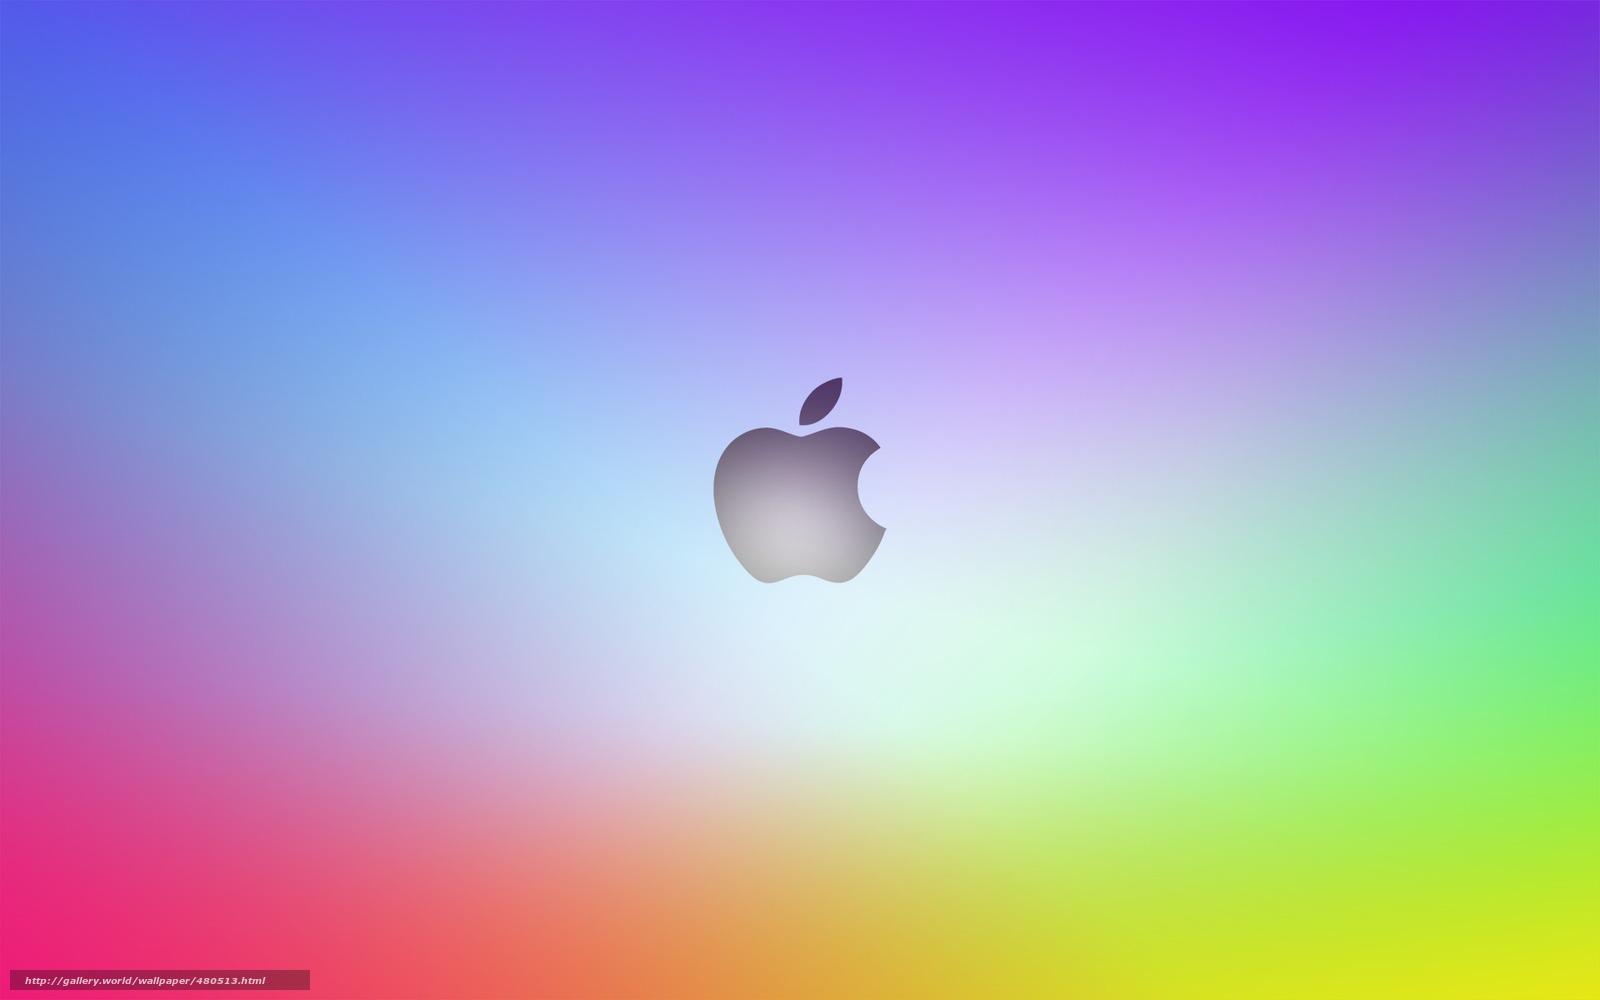 下载壁纸 苹果, mac, os x, 苹果 免费为您的桌面分辨率的壁纸 1920x